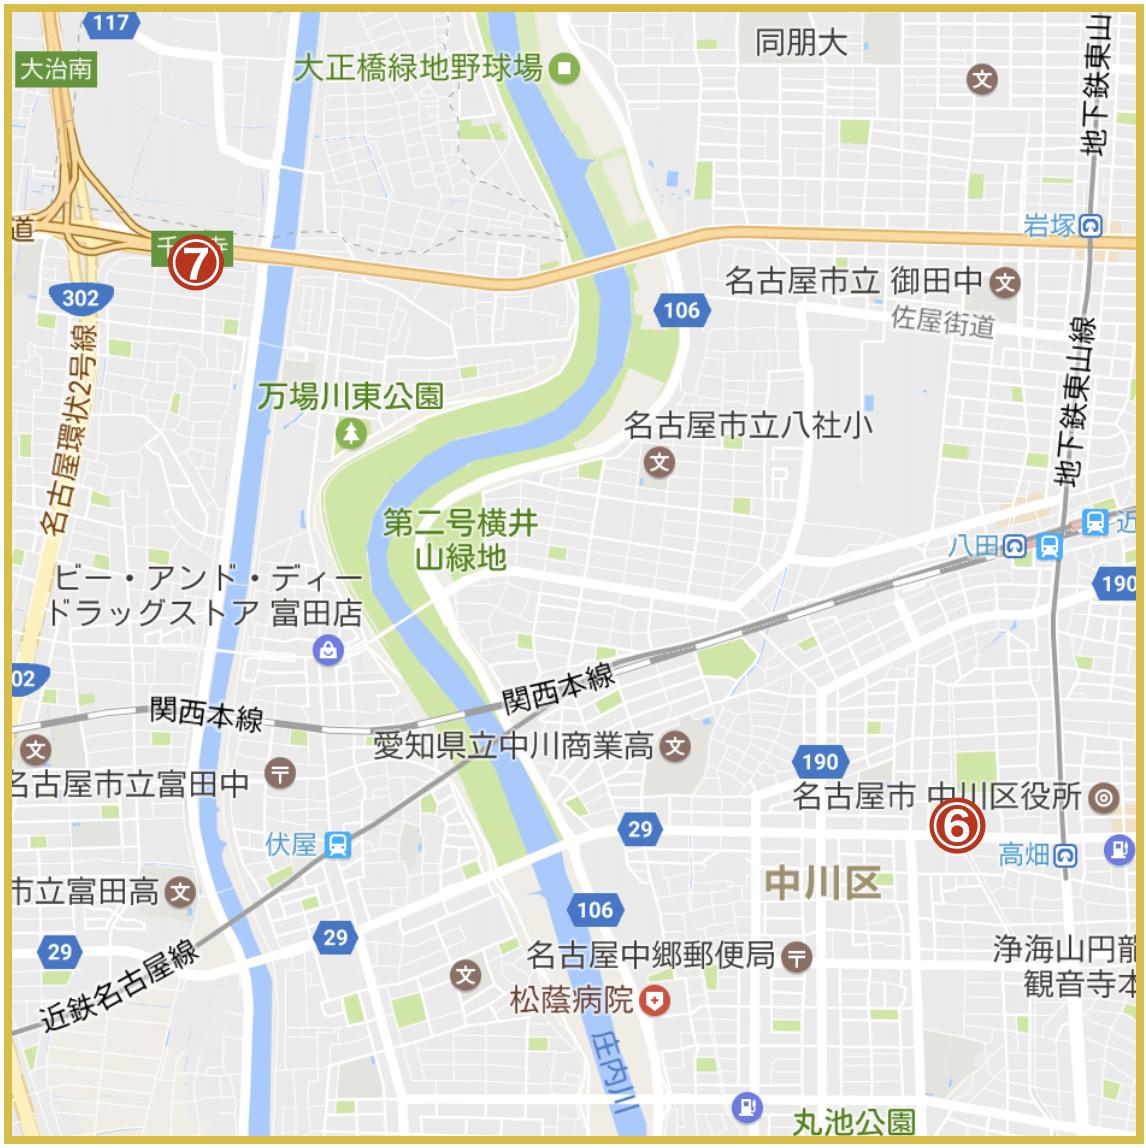 名古屋市中川区にあるアイフル店舗・ATMの位置(2020年版)